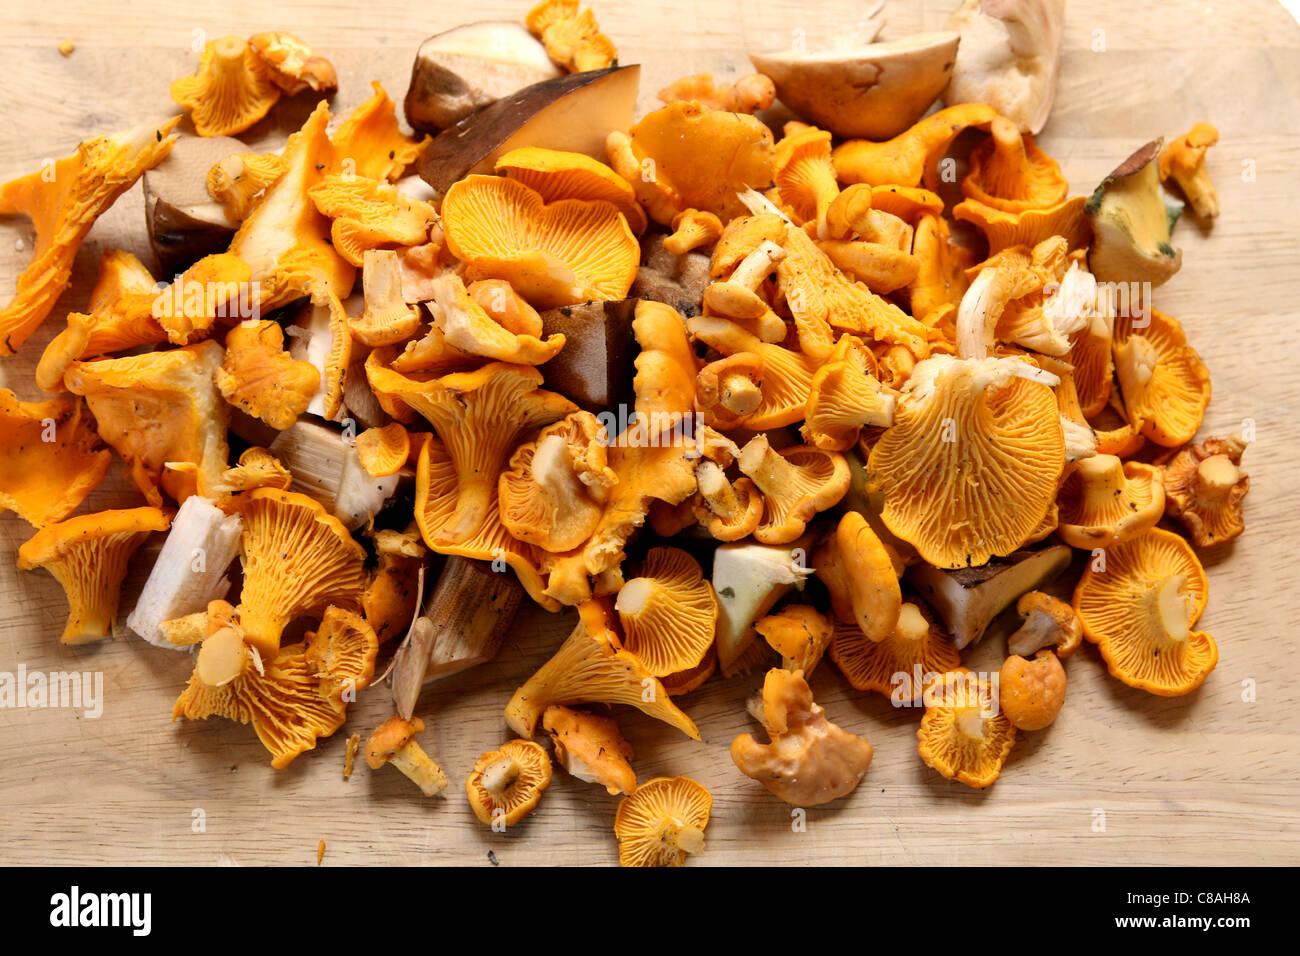 Haufen von Pfifferlingen und Steinpilzen Pilze Stockbild